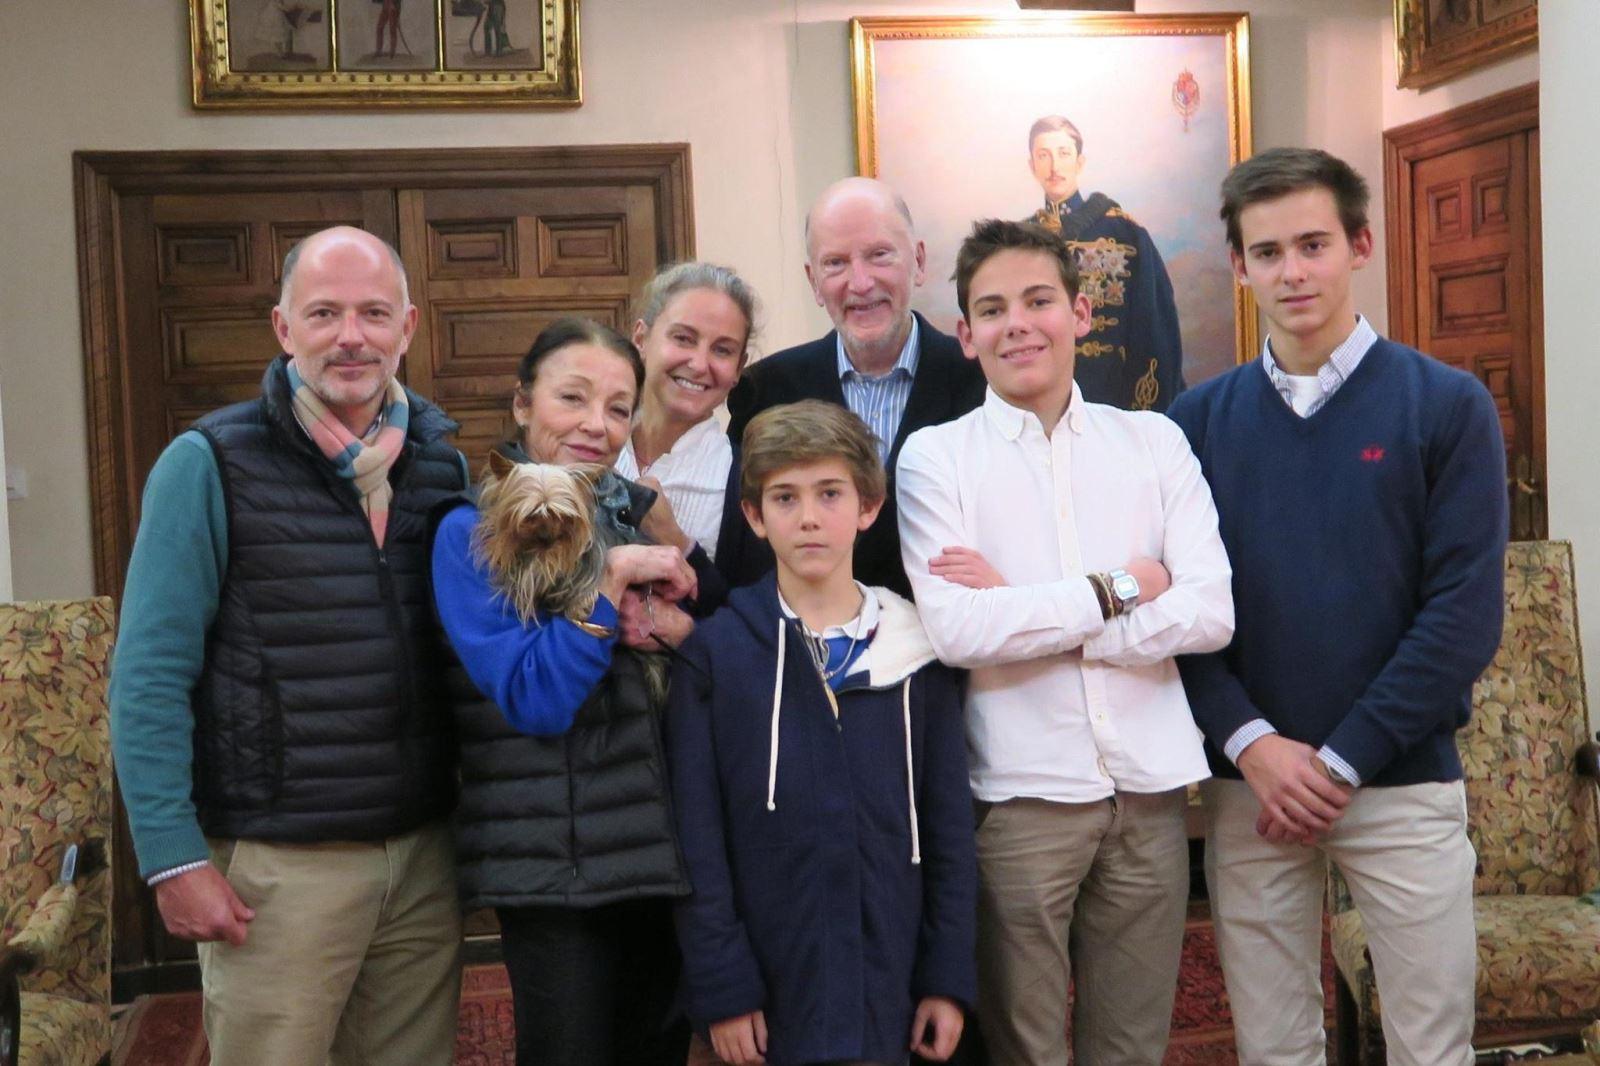 Княз Кубрат, княгиня Карла и техните синове Мирко, Лукас и Тирсо на 80-годишния юбилей на царица Маргарита. 6 януари 2015 г., Мадрид.